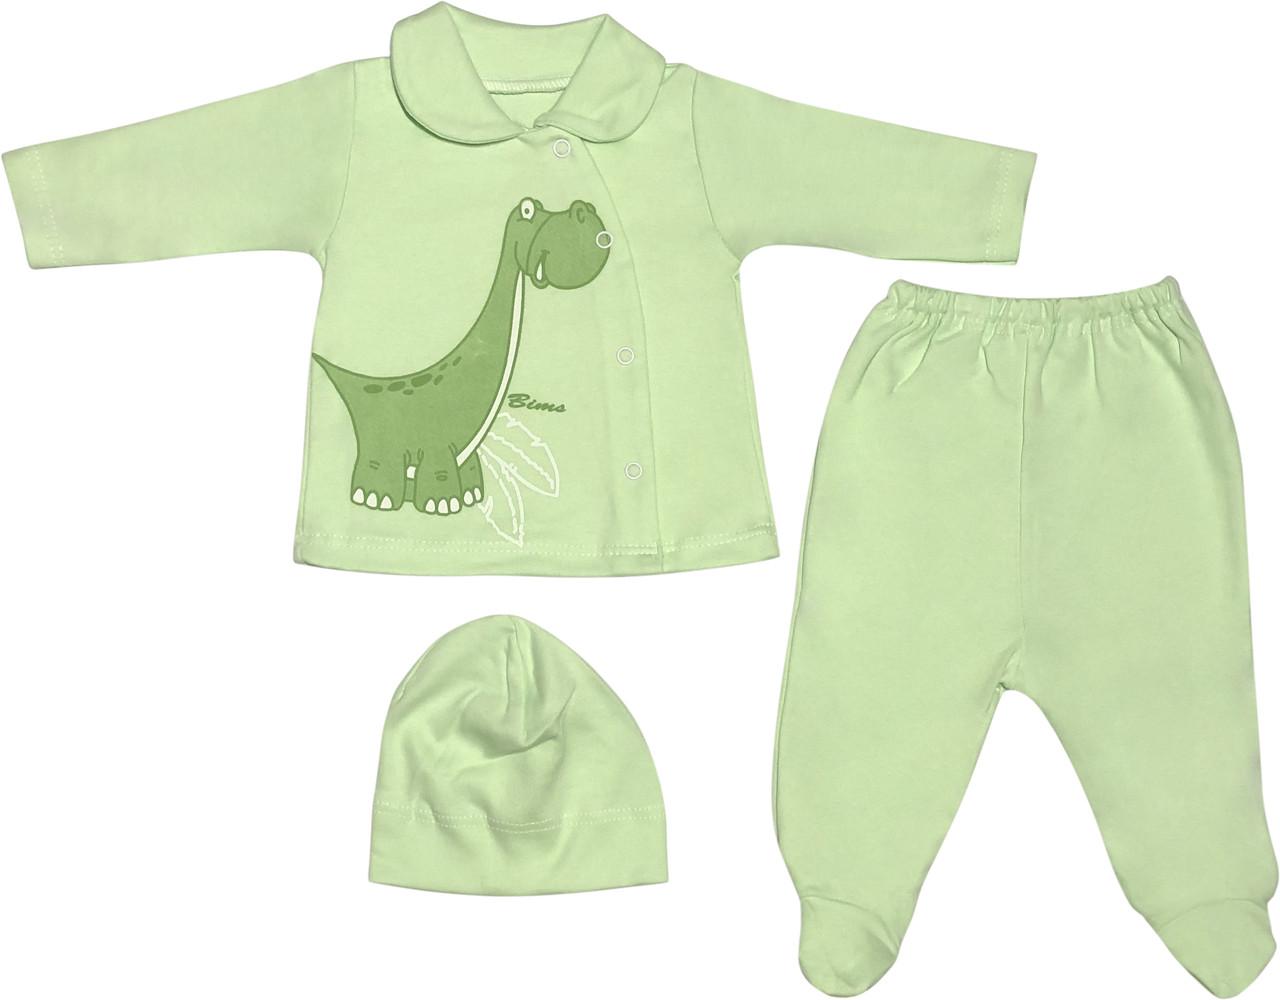 Костюм для новонароджених малюків зростання 56 0-2 міс на хлопчика дівчинку комплект дитячий трикотажний салатовий